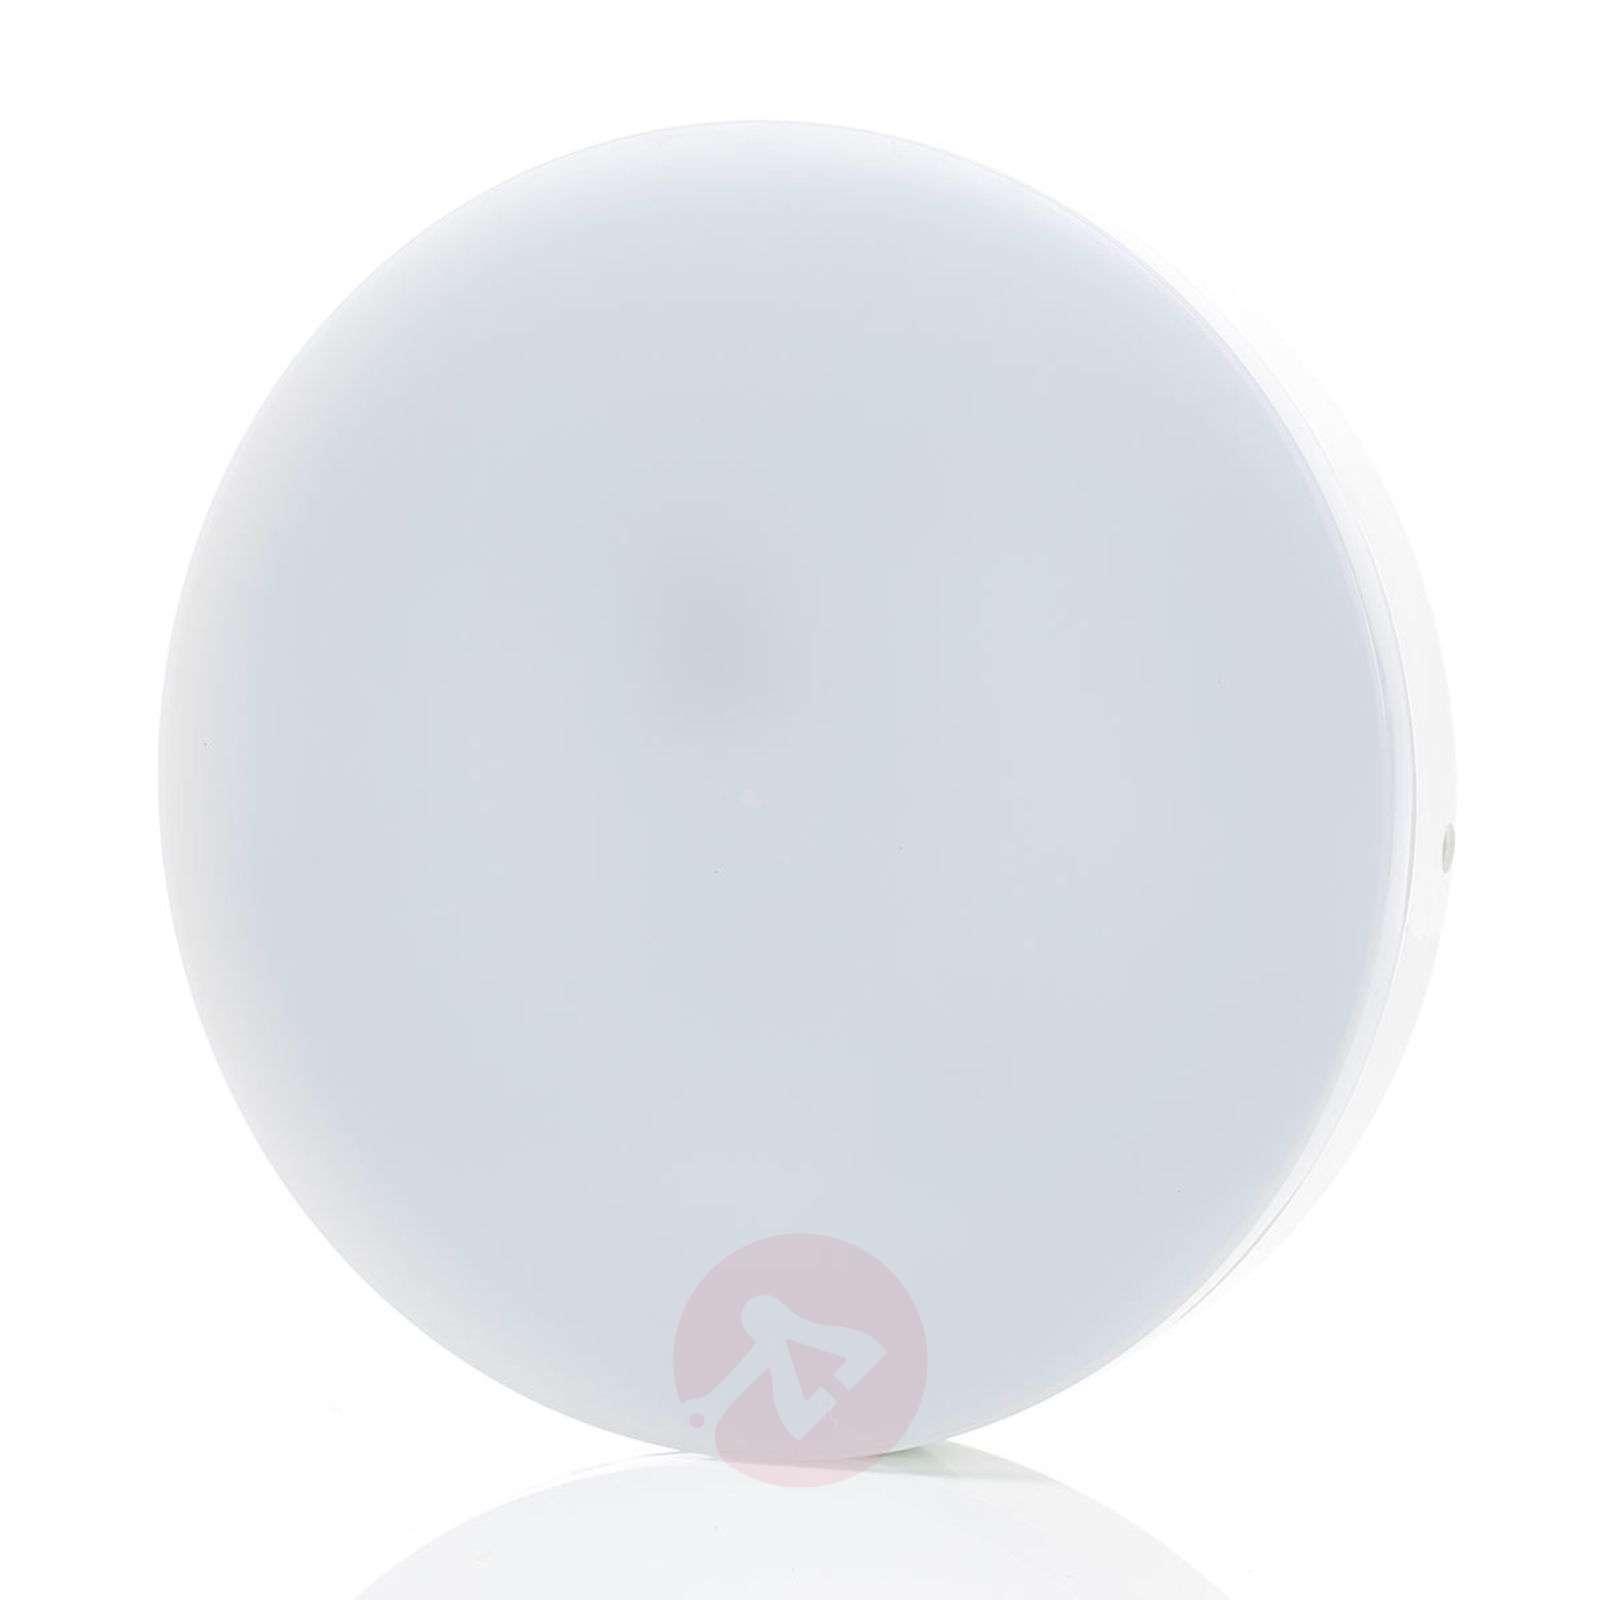 Tunnistimella – LED-kattovalaisin Office Round-8559229-01